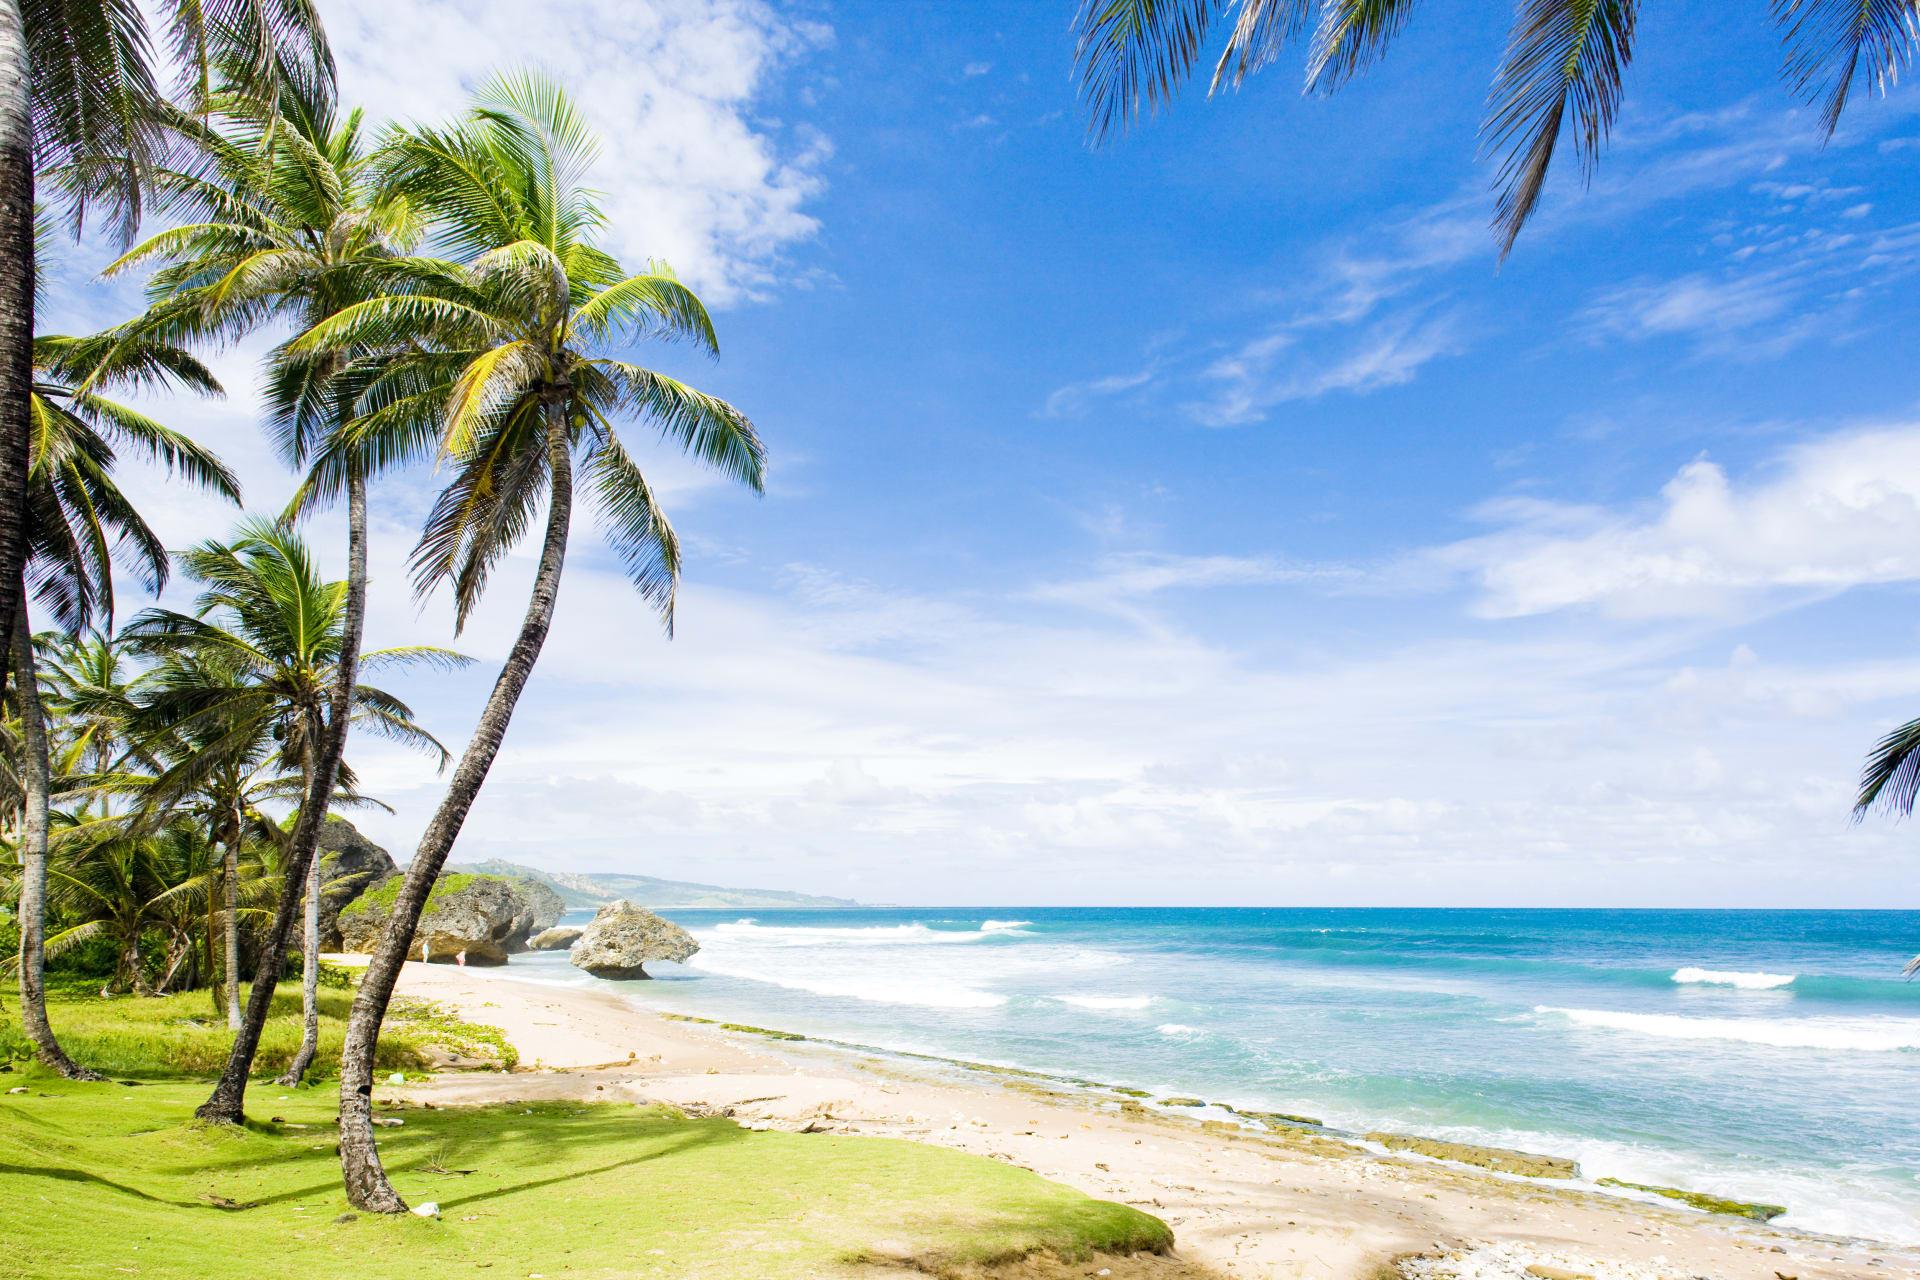 Barbados - Barbados: Bathsheba Beach Walk